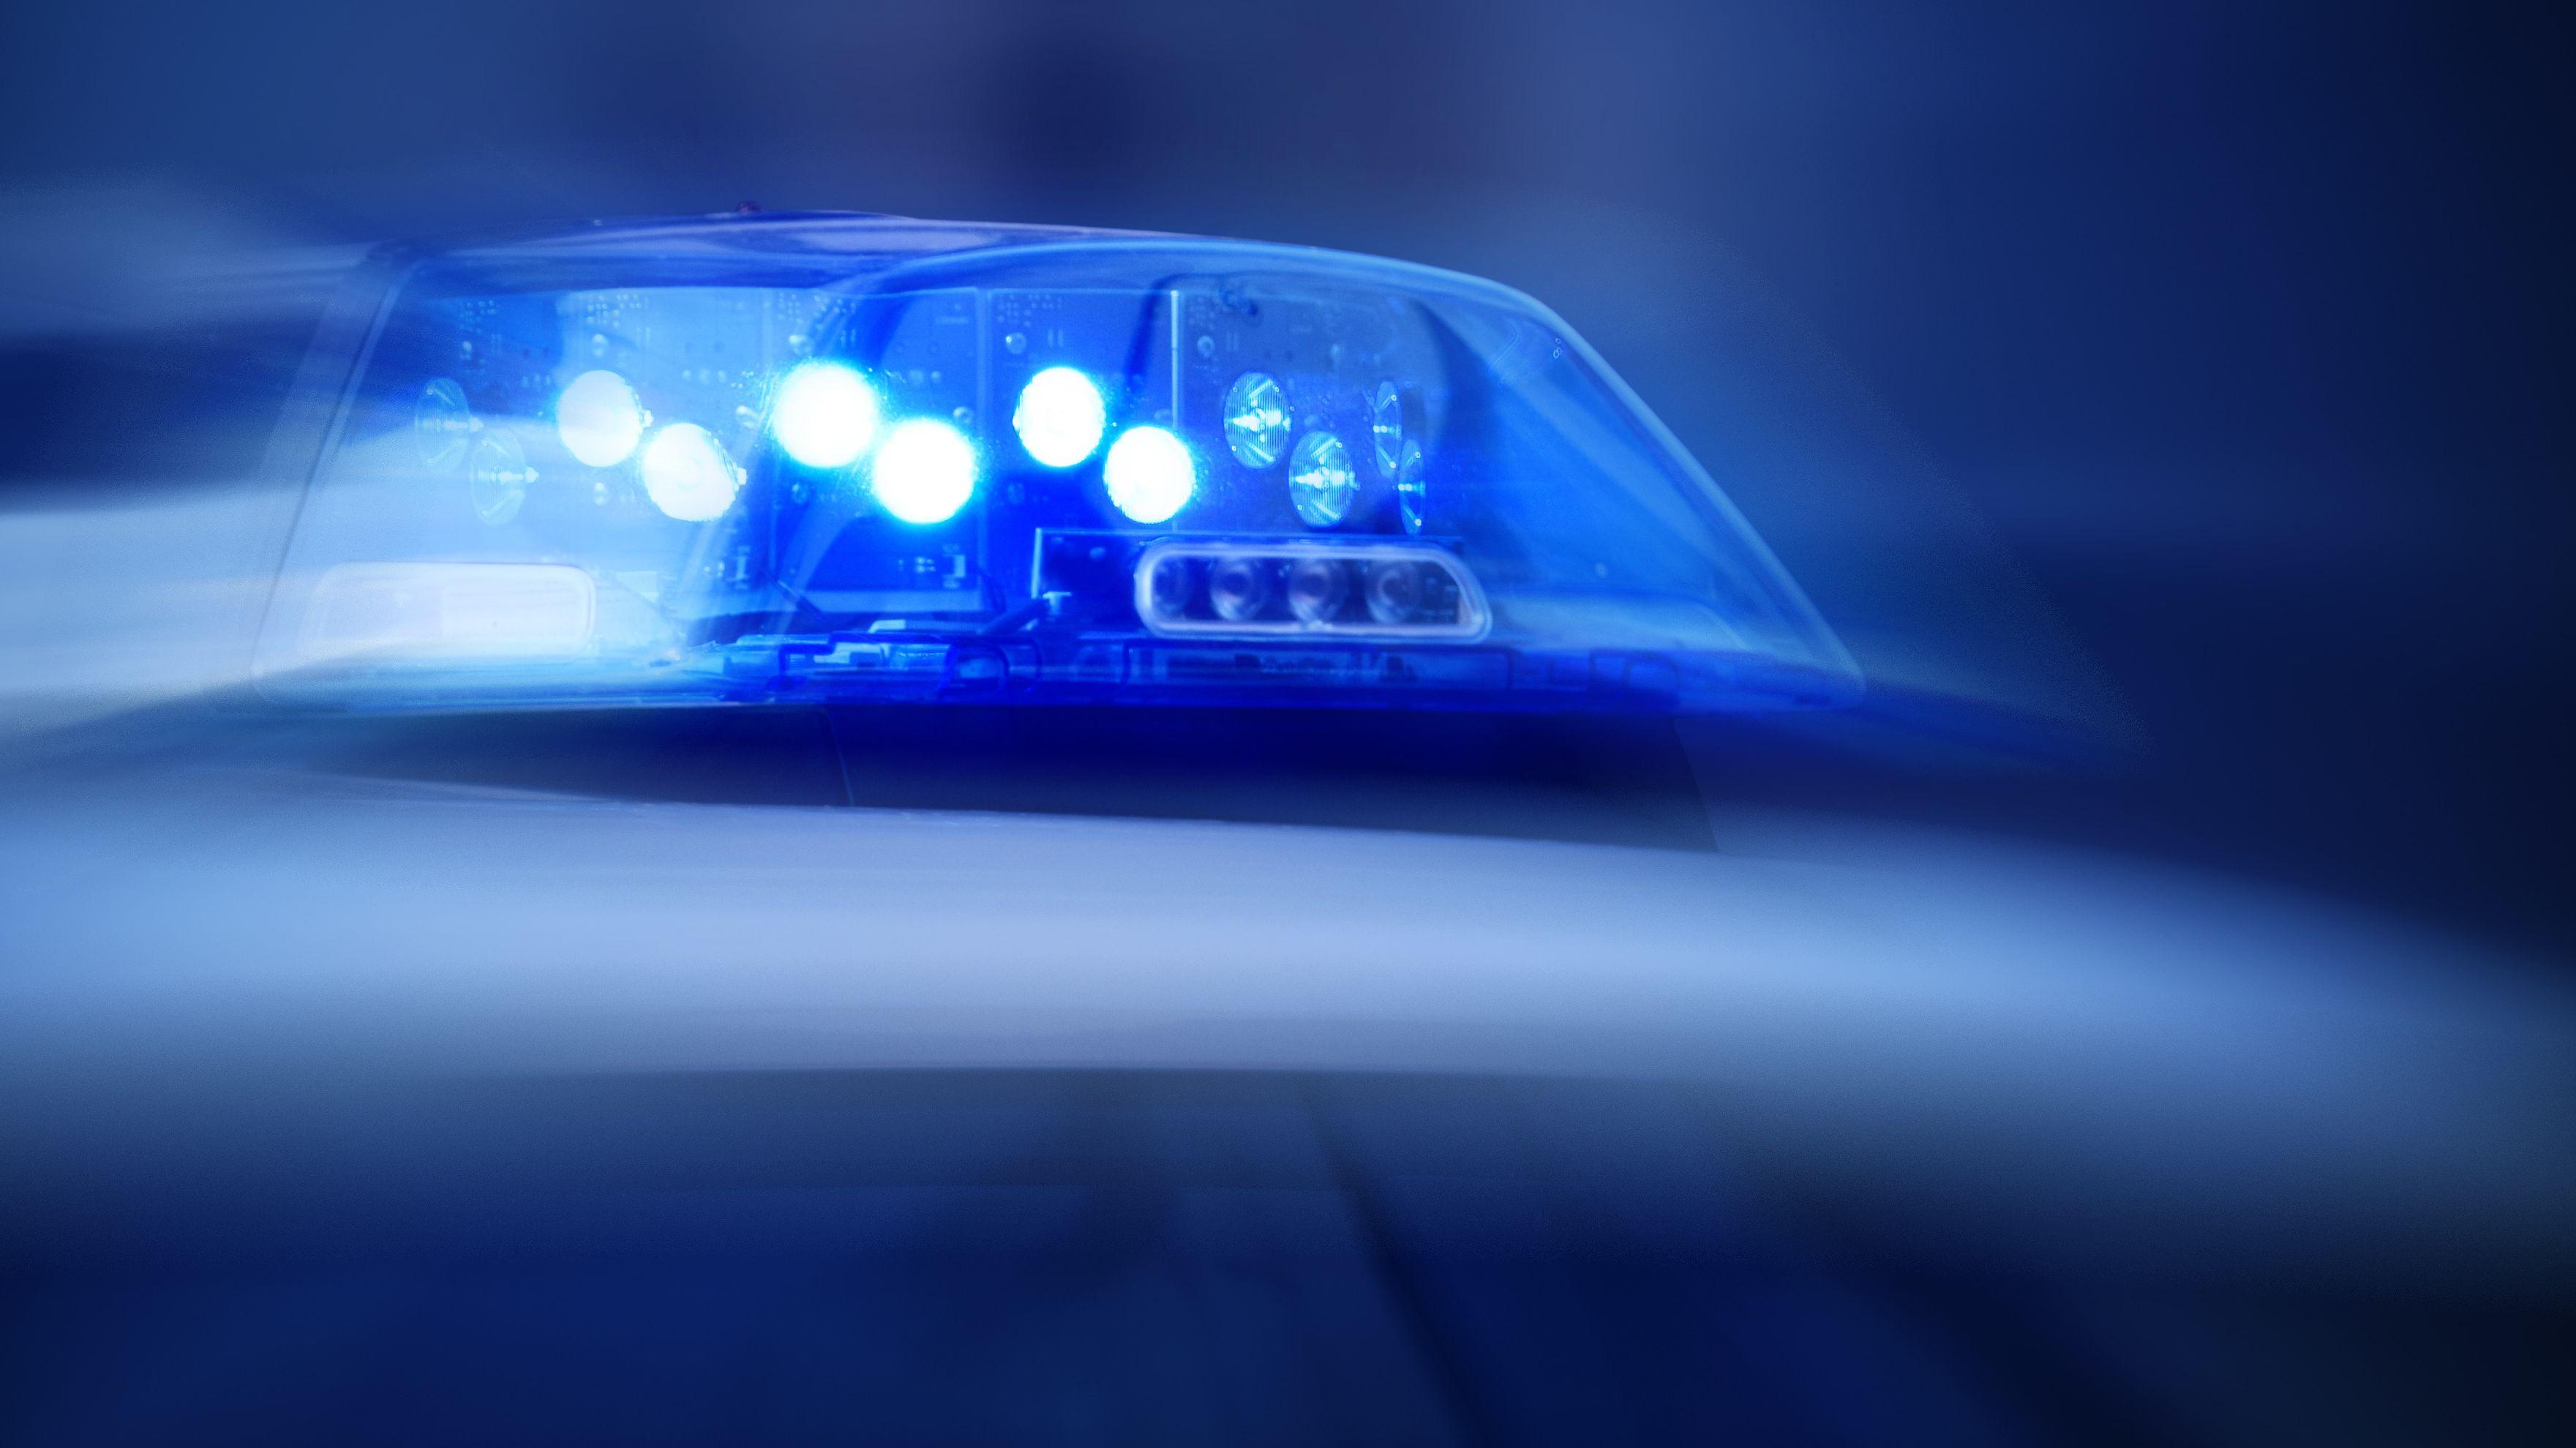 Blaulicht auf einem Streifenwagen der Polizei (Archiv)